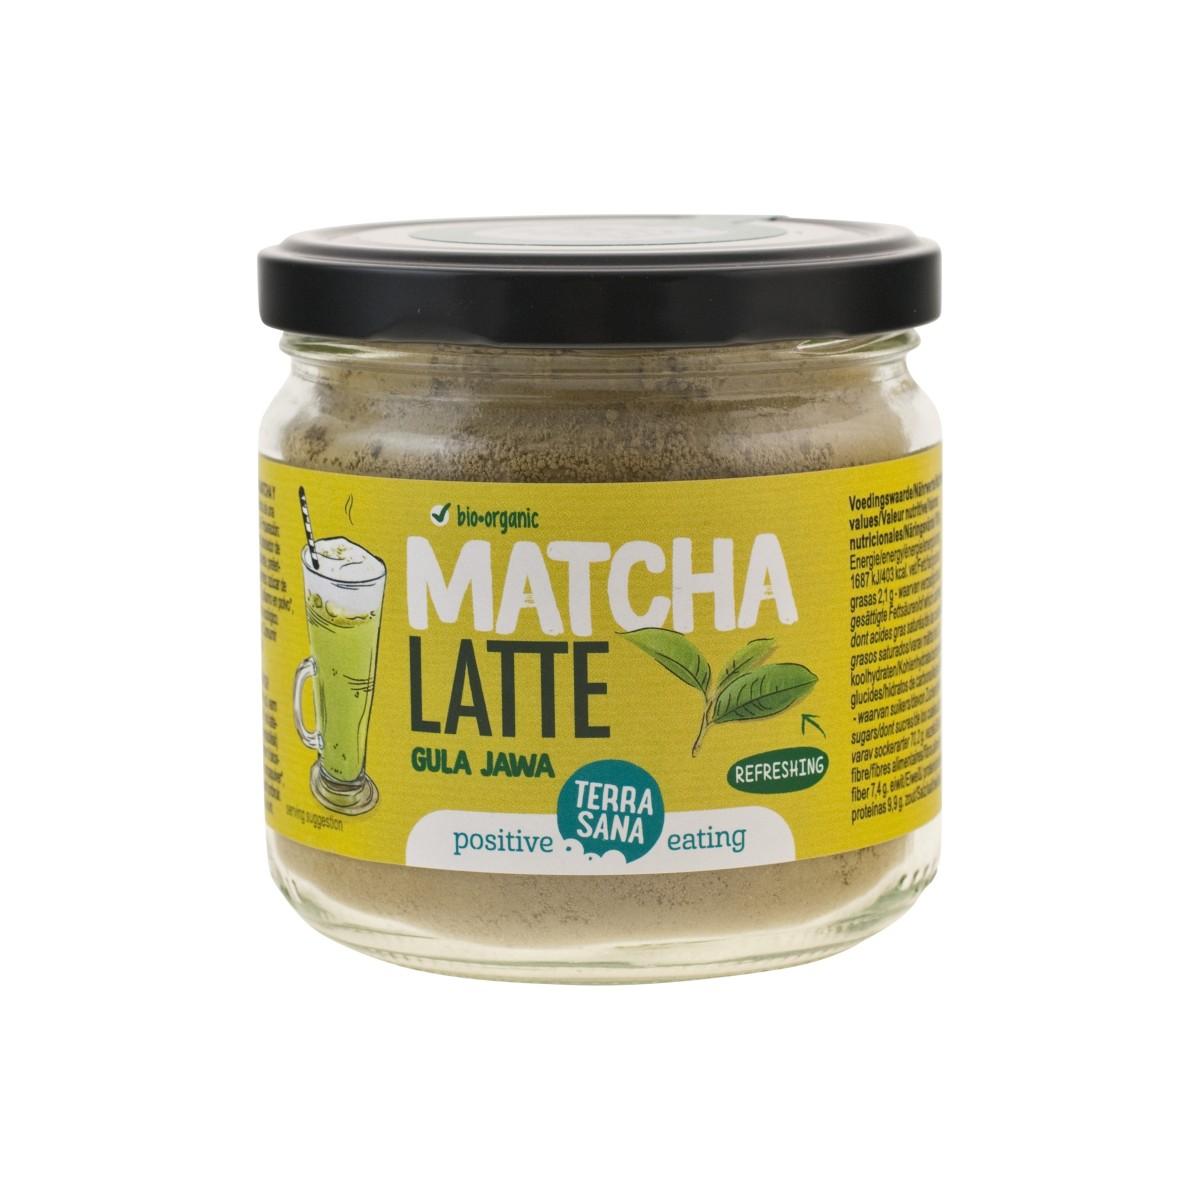 Matcha Latte Gula Java